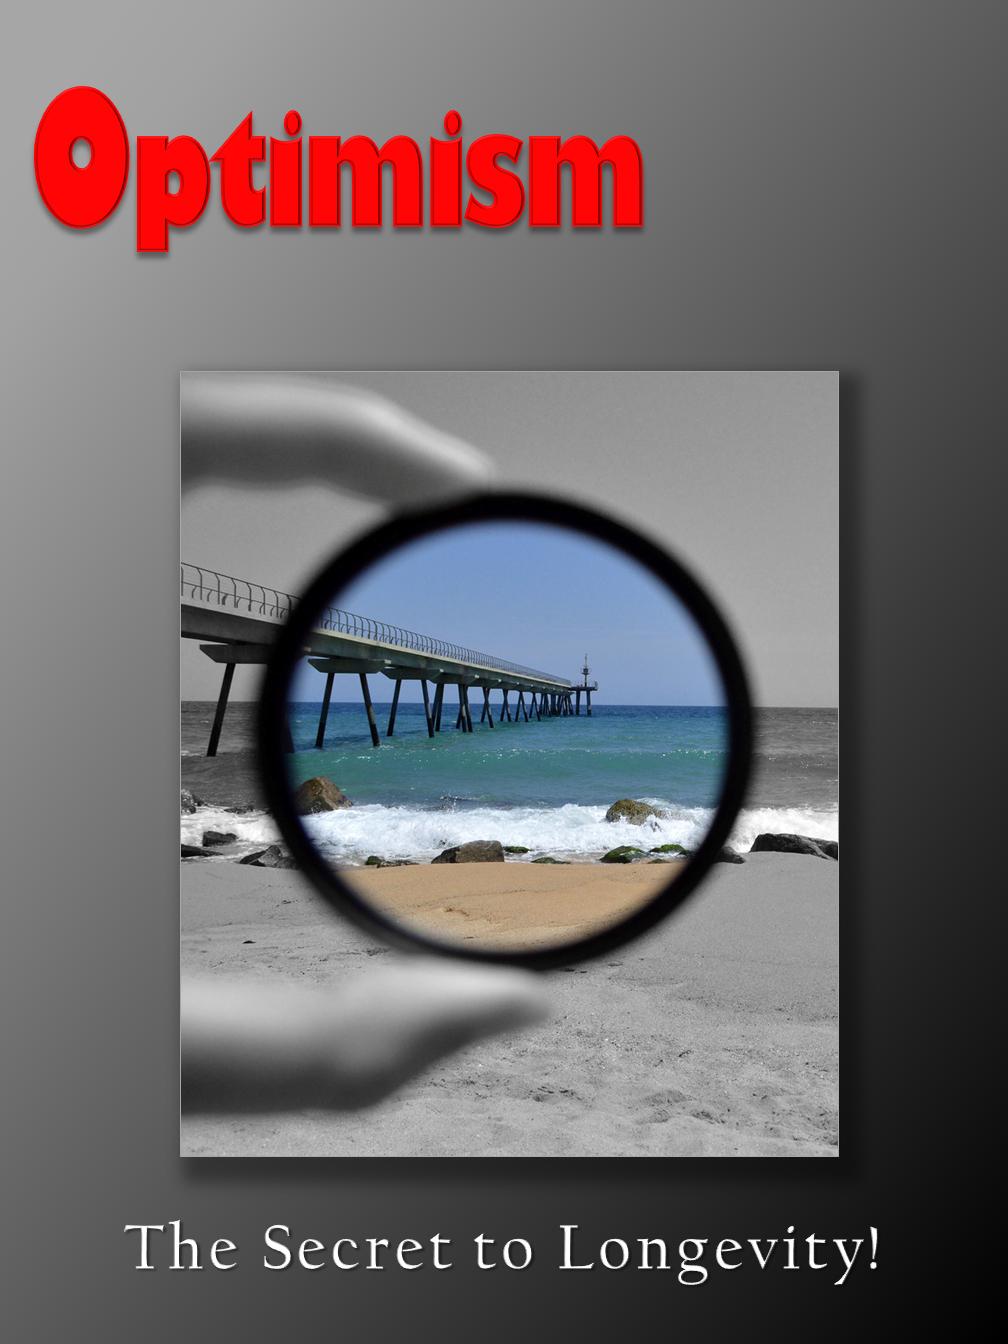 Optimism!